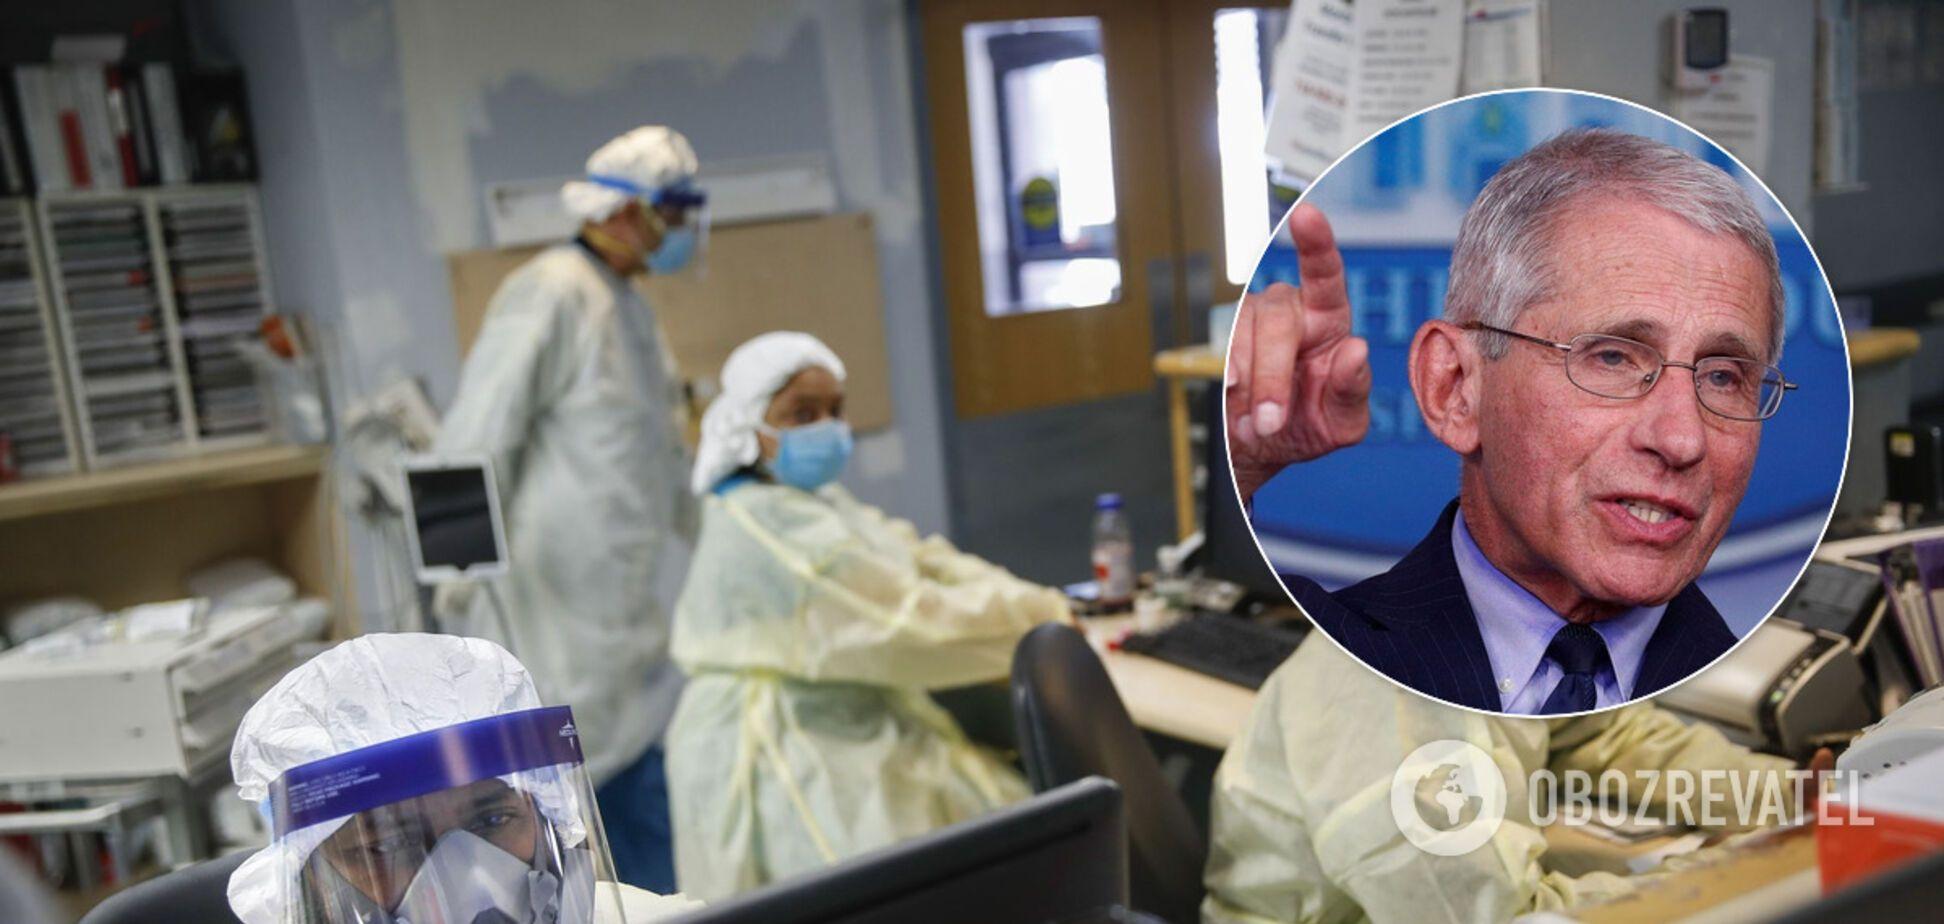 Коронавирус может стать более заразным из-за мутации,– главный инфекционист США